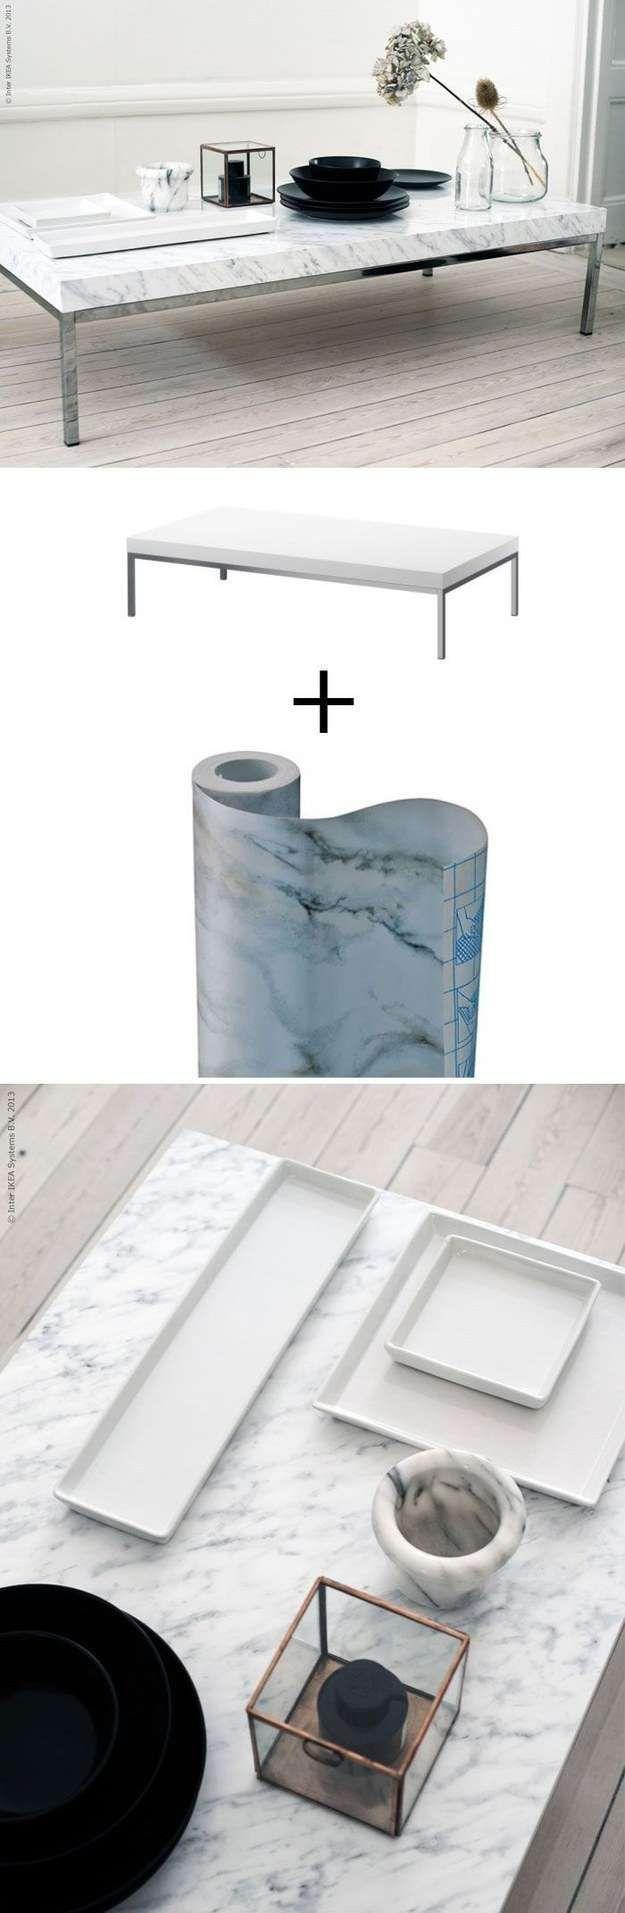 Collez du papier marbré sur une table ikea